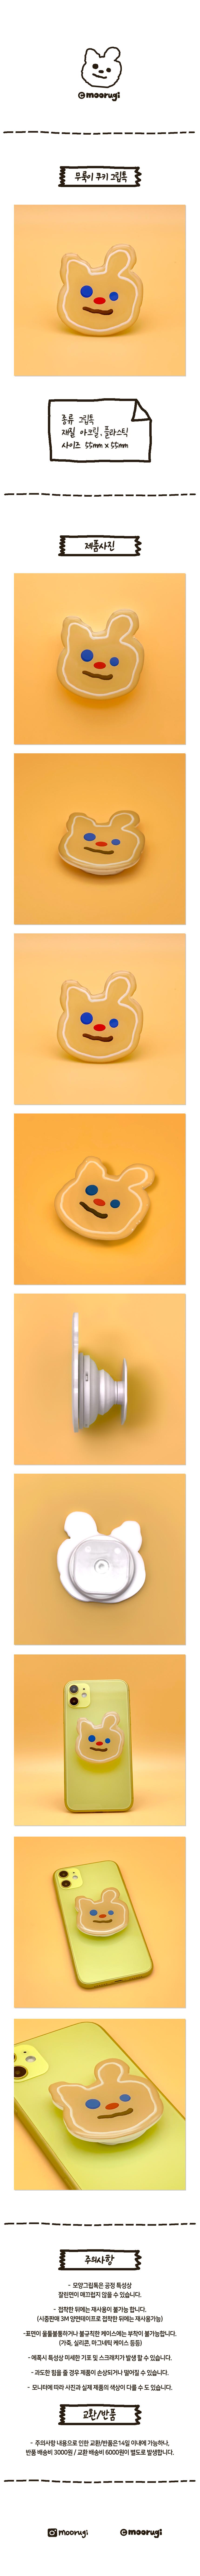 무룩이 쿠키 그립톡 - 무룩이, 13,000원, 케이스, 기타 스마트폰